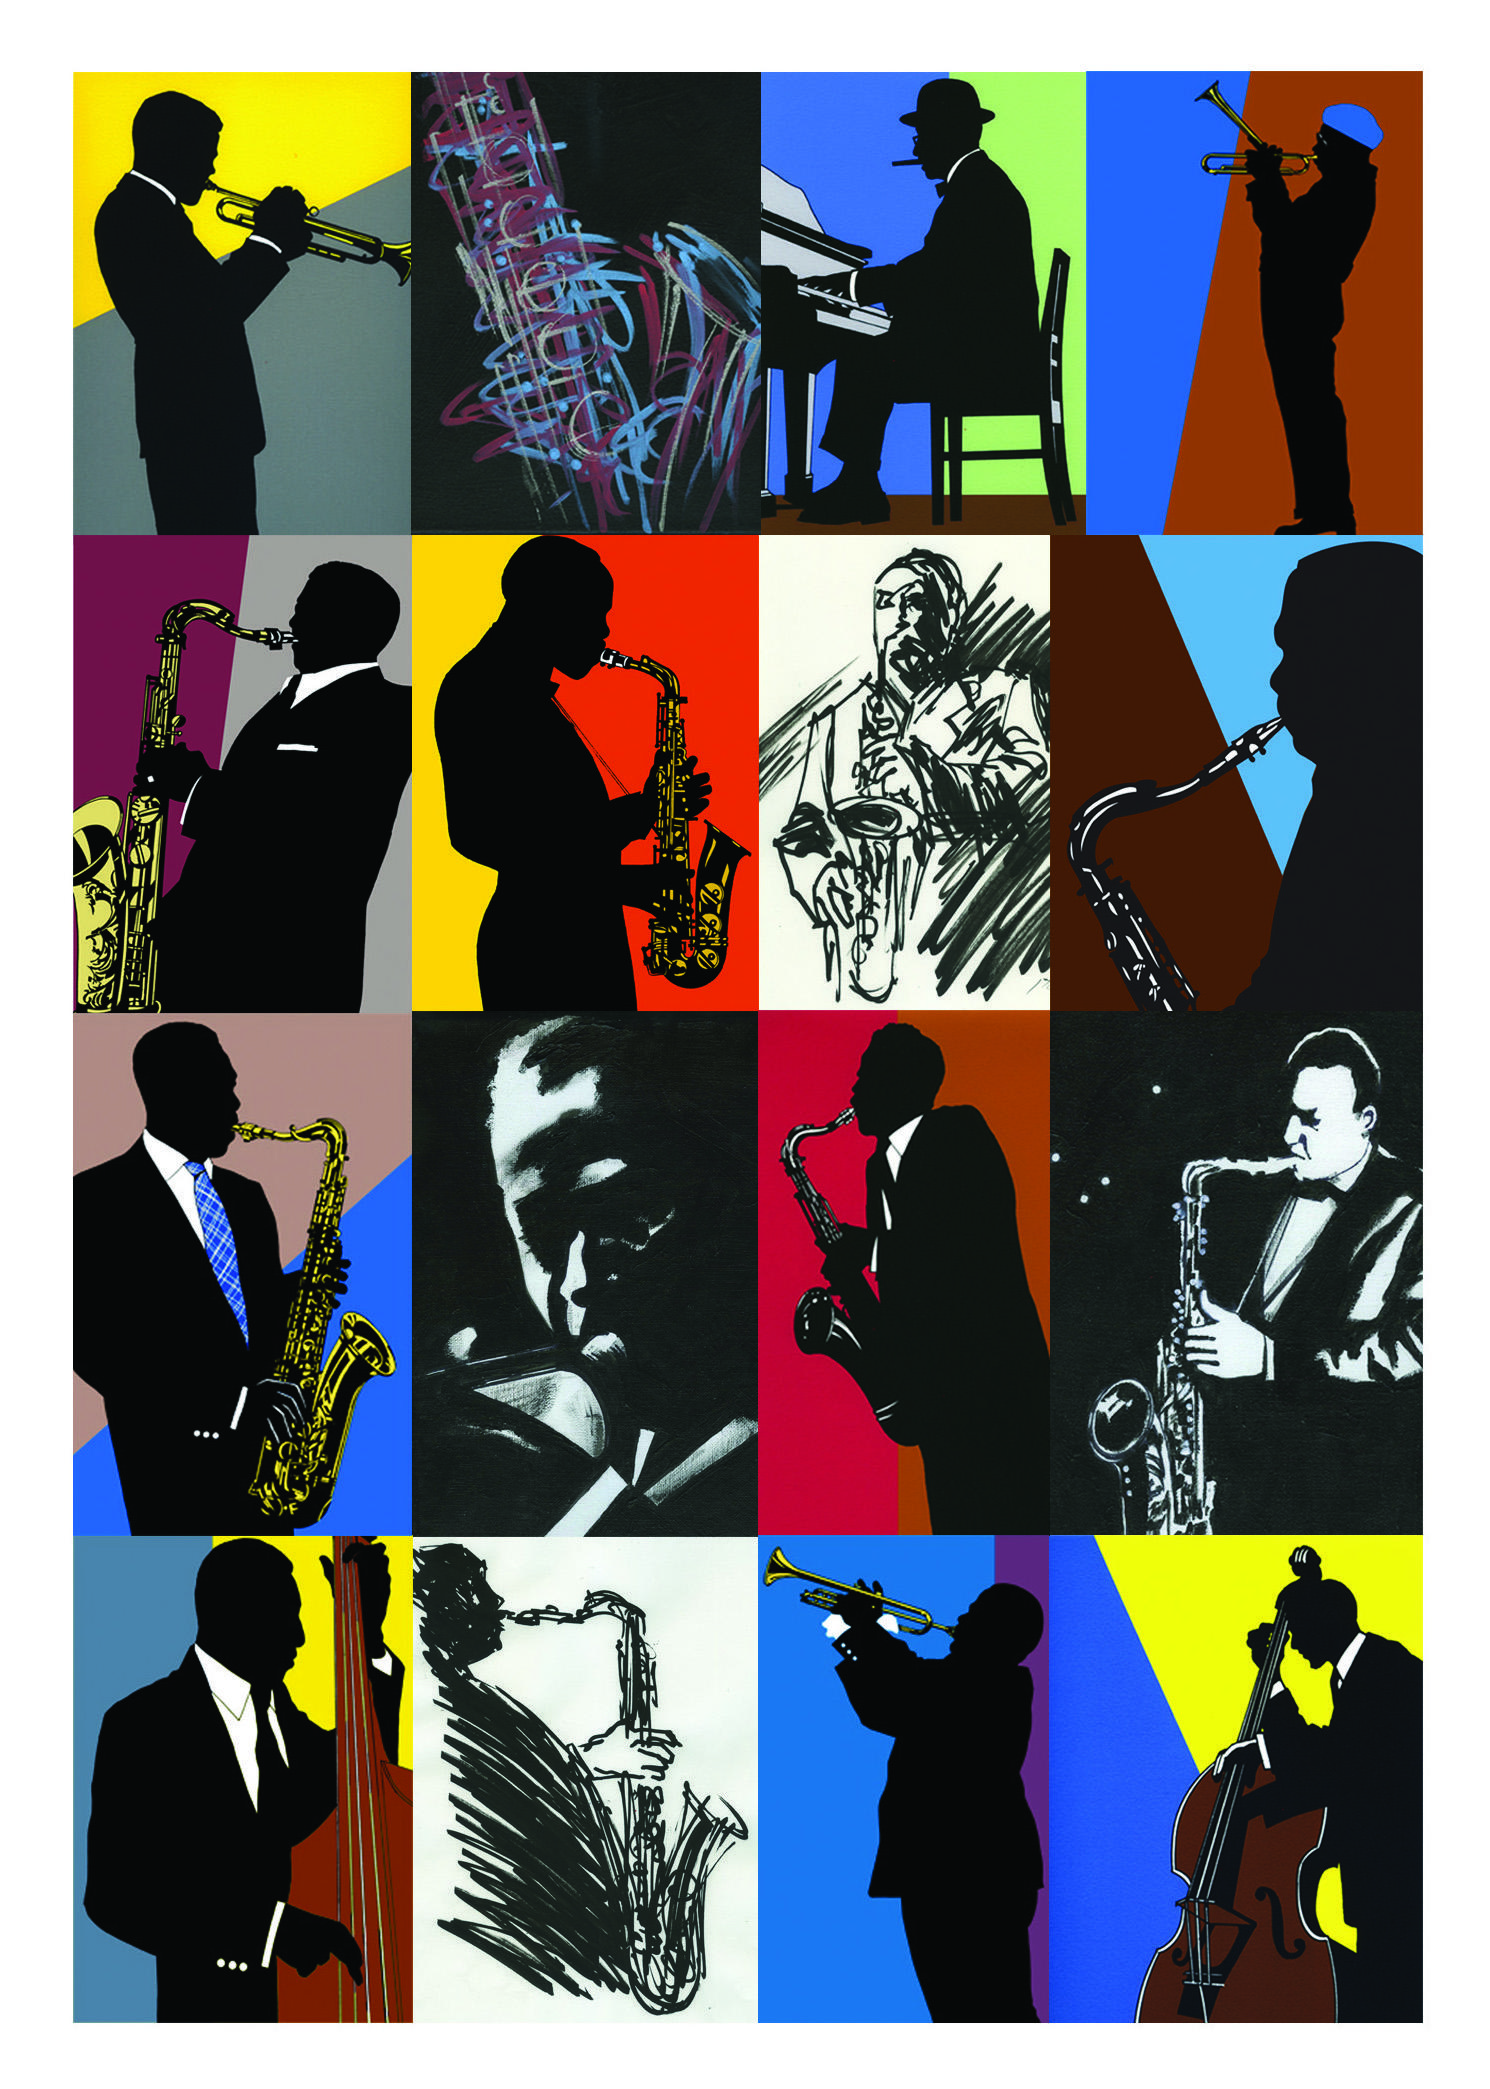 Rod Dyer Jazz   Original Artwork Exhibition